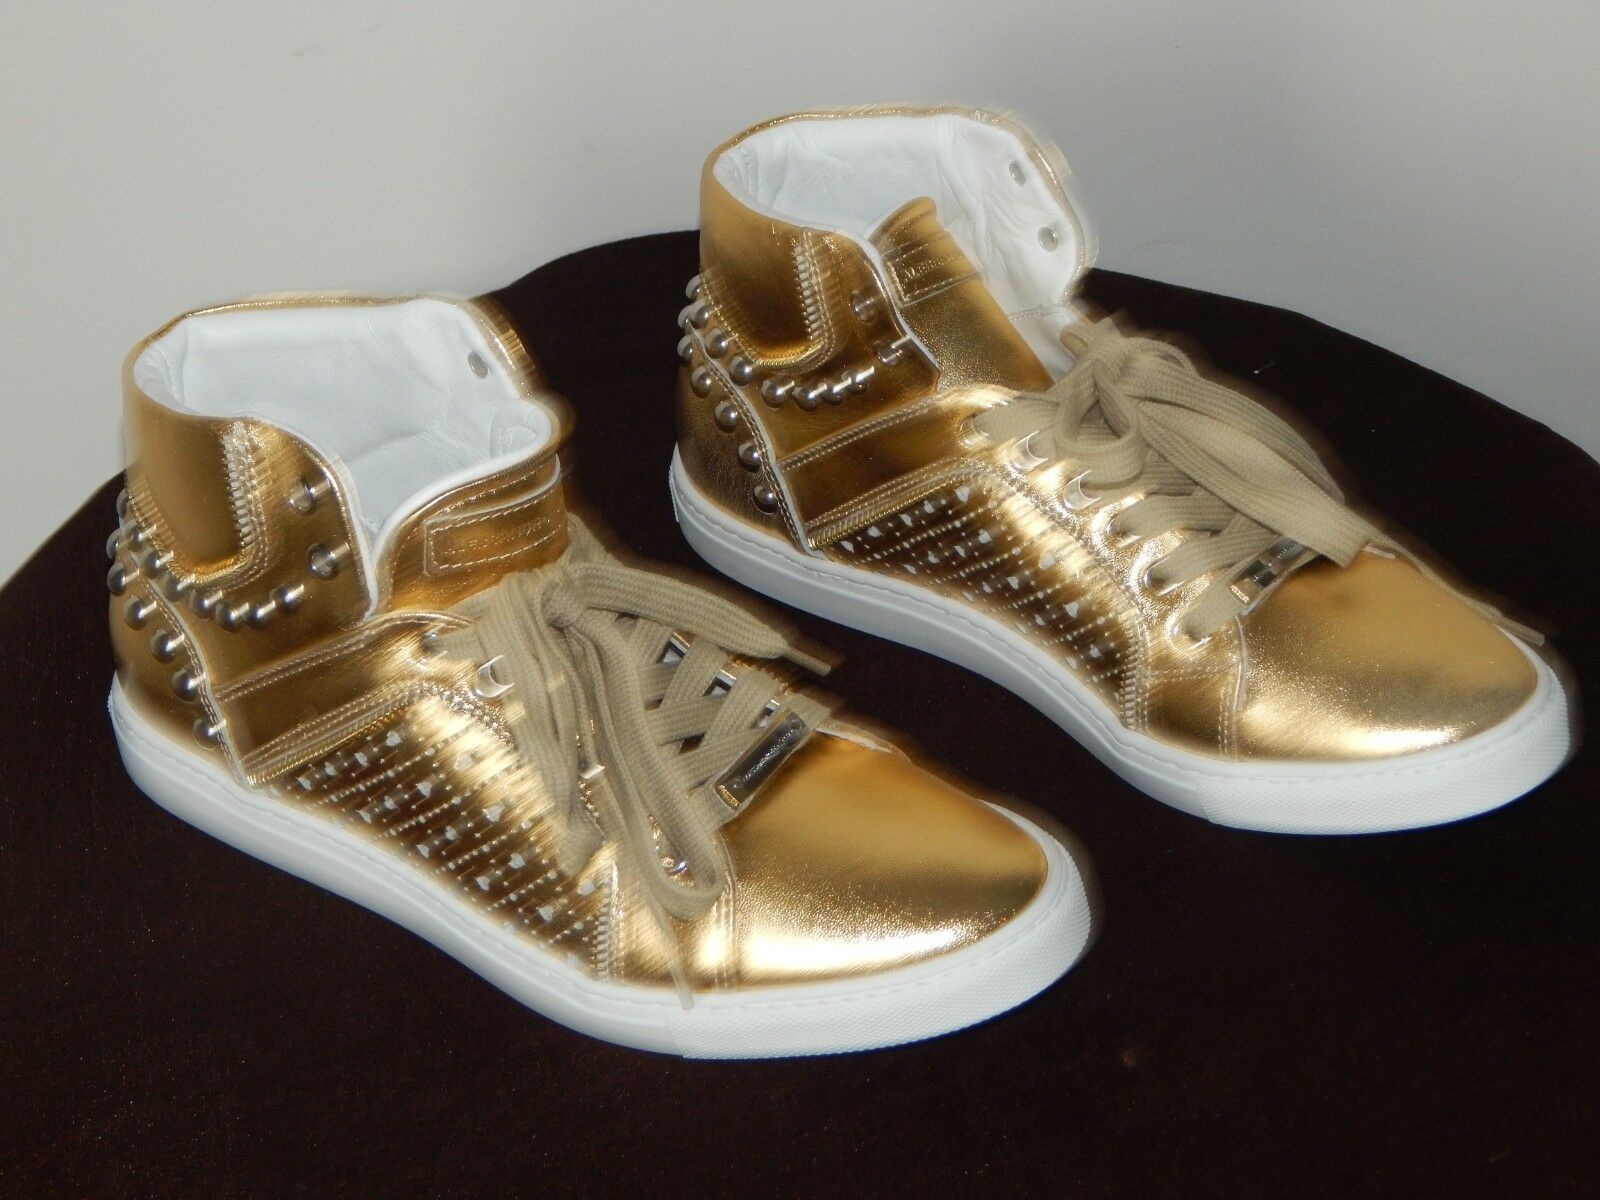 NIB  Alessandro Dell Acqua Studded High -Top Leather scarpe da ginnastica scarpe oro 7.5 -8.5  shopping online e negozio di moda